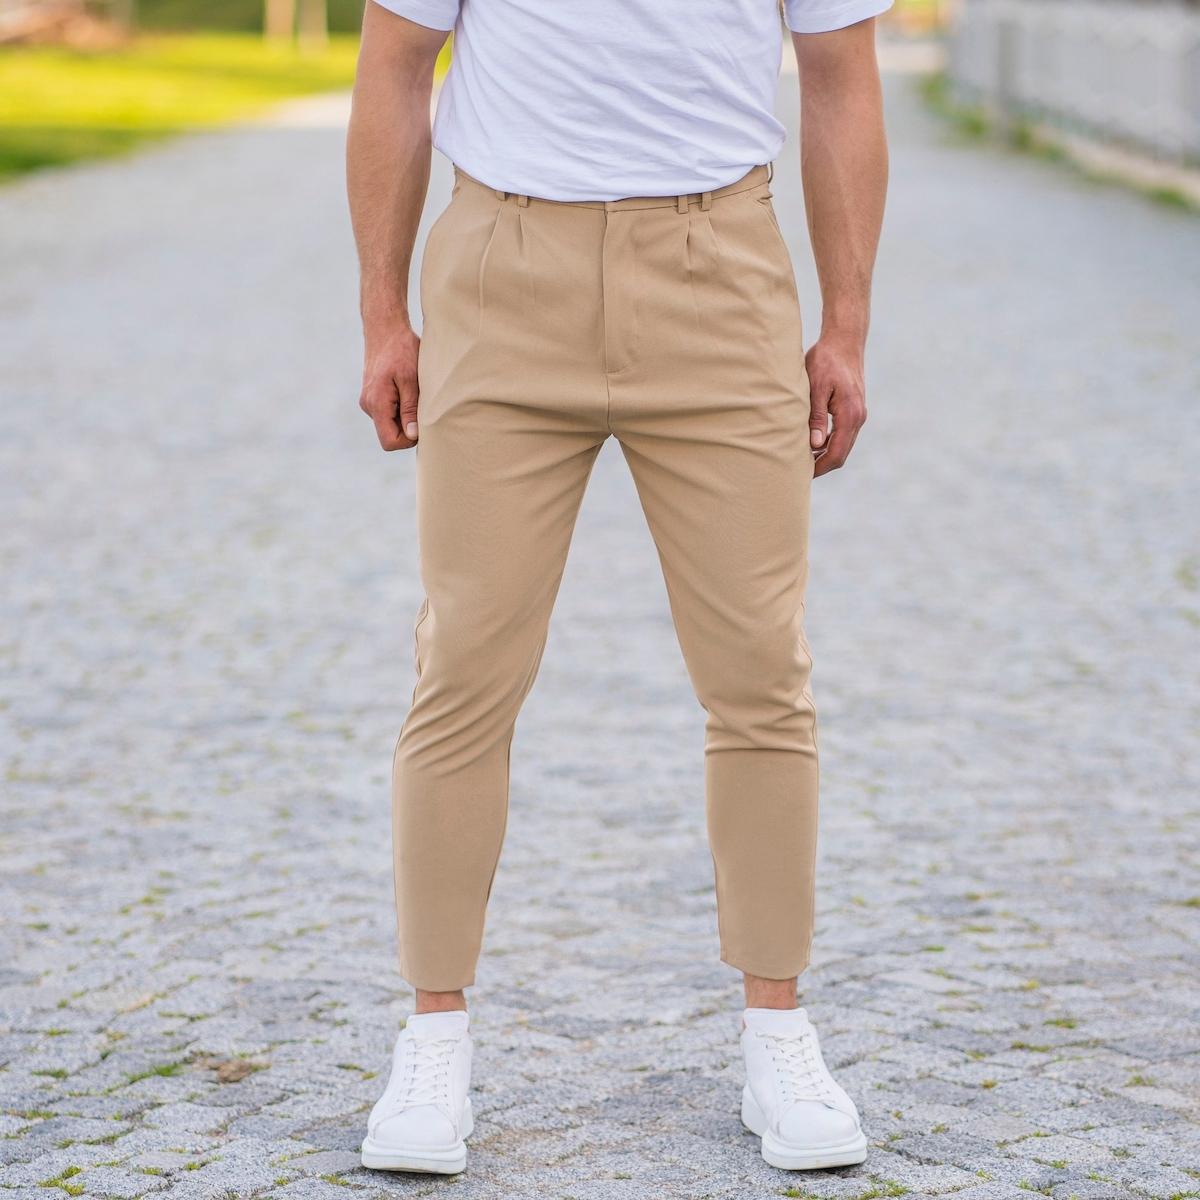 Erkek Dar Paça Fit Zincirli Krem Kumaş Pantolon